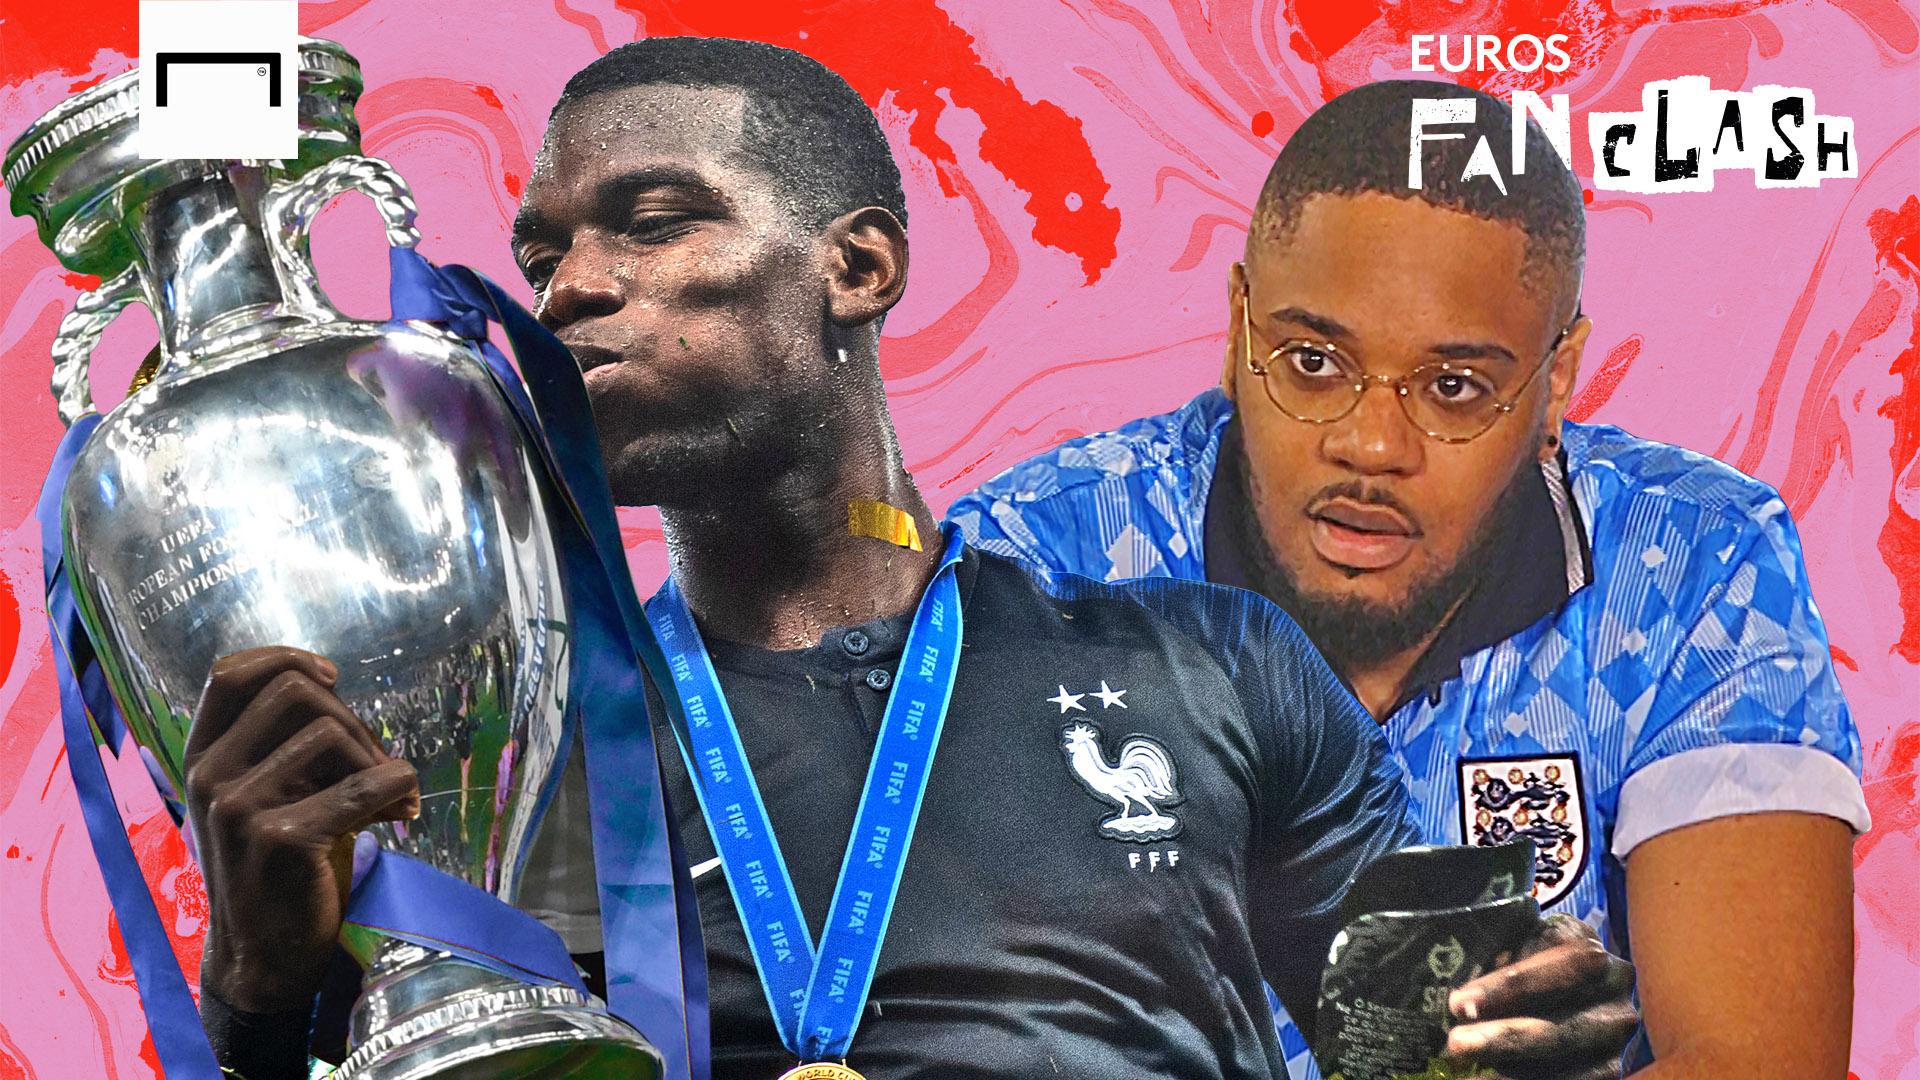 FAN PREDICTIONS: Who will win EURO 2020?